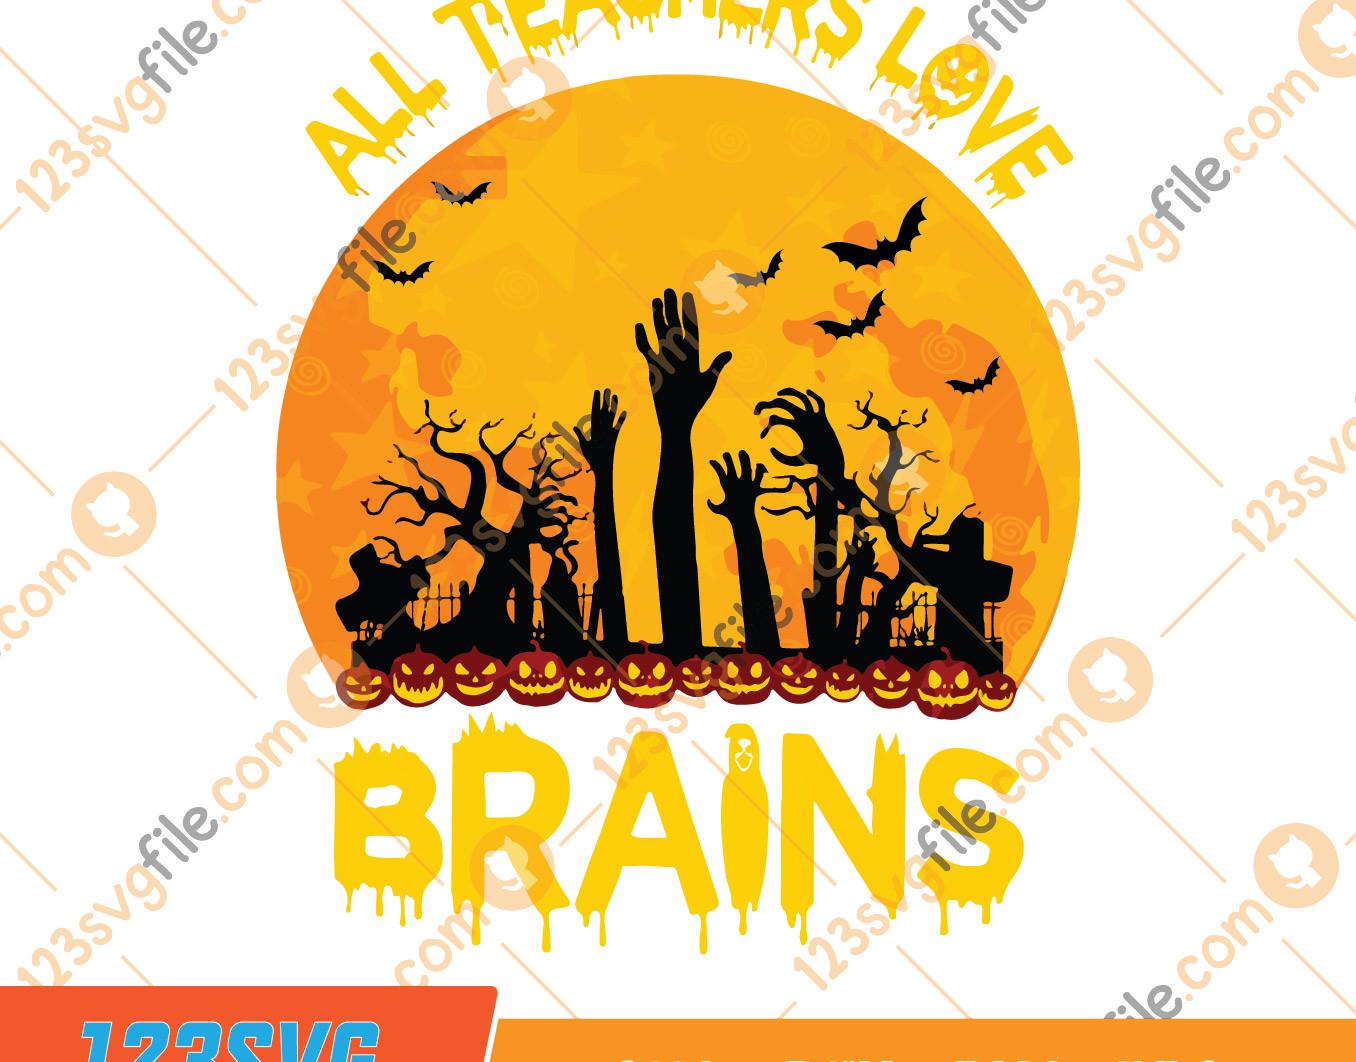 All Teachers Love Brains Halloween Teacher Svg Dxf Eps Png Ai Instant - All Teachers Love Brains Halloween Teacher Svg Dxf Eps Png Ai Instant -